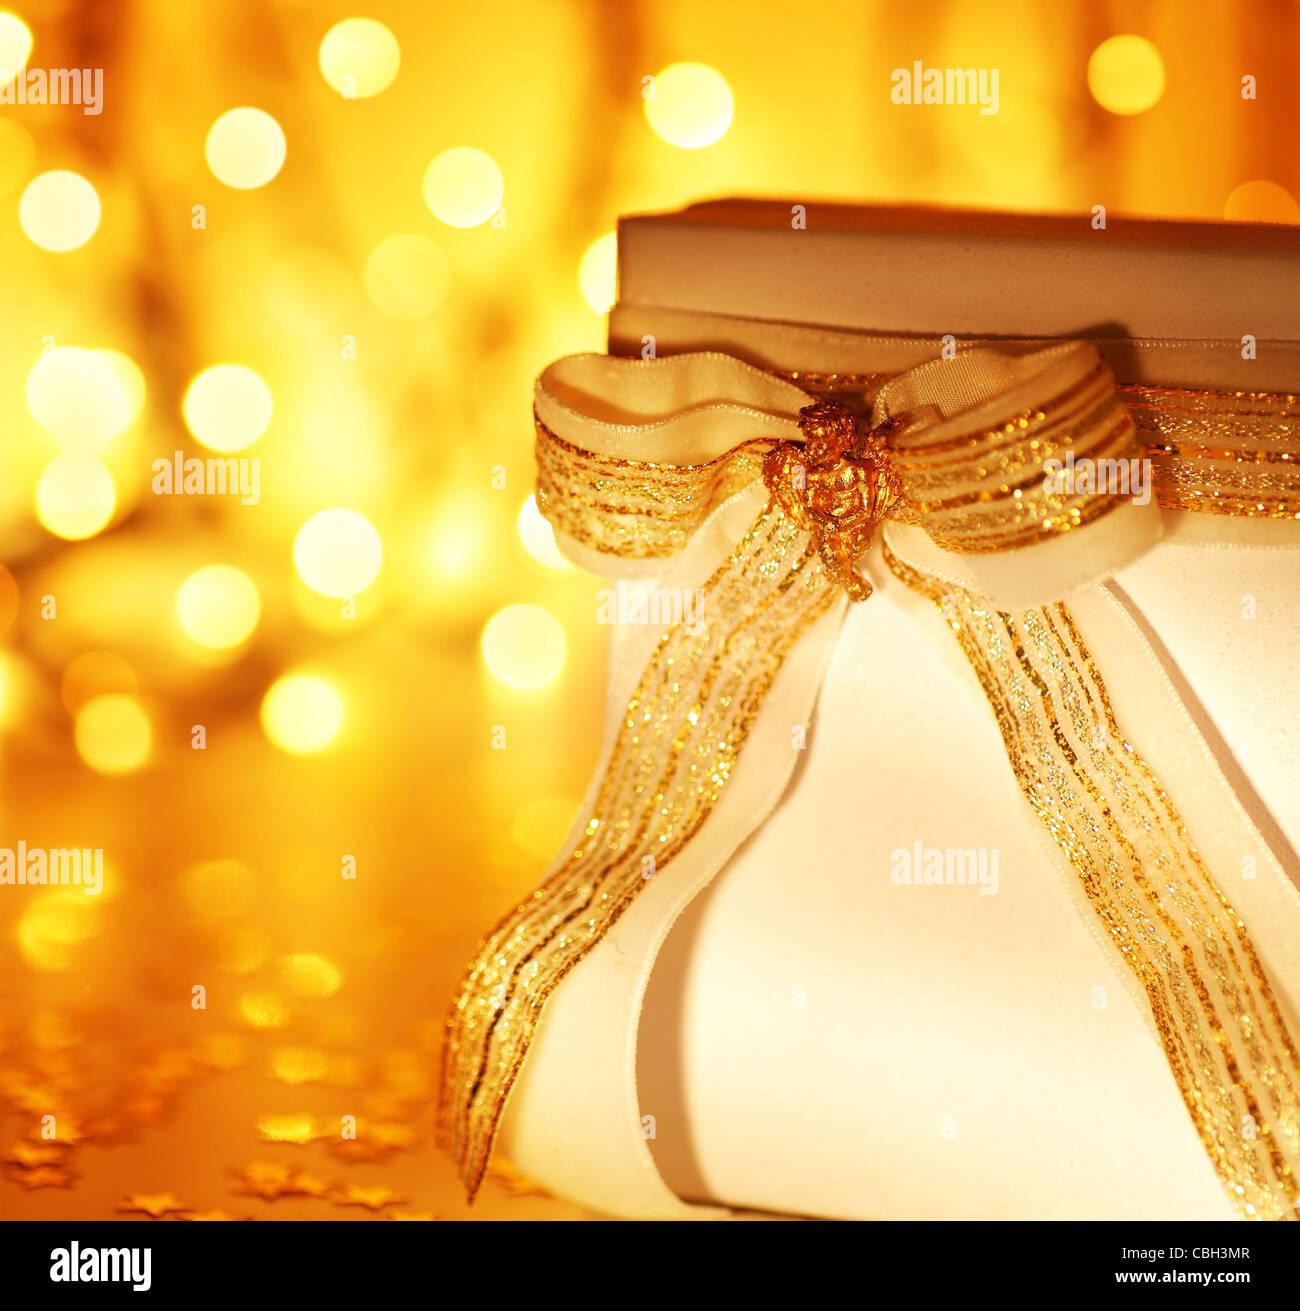 Gold Urlaub Hintergrund Mit Weissen Prasent Geschenk Box